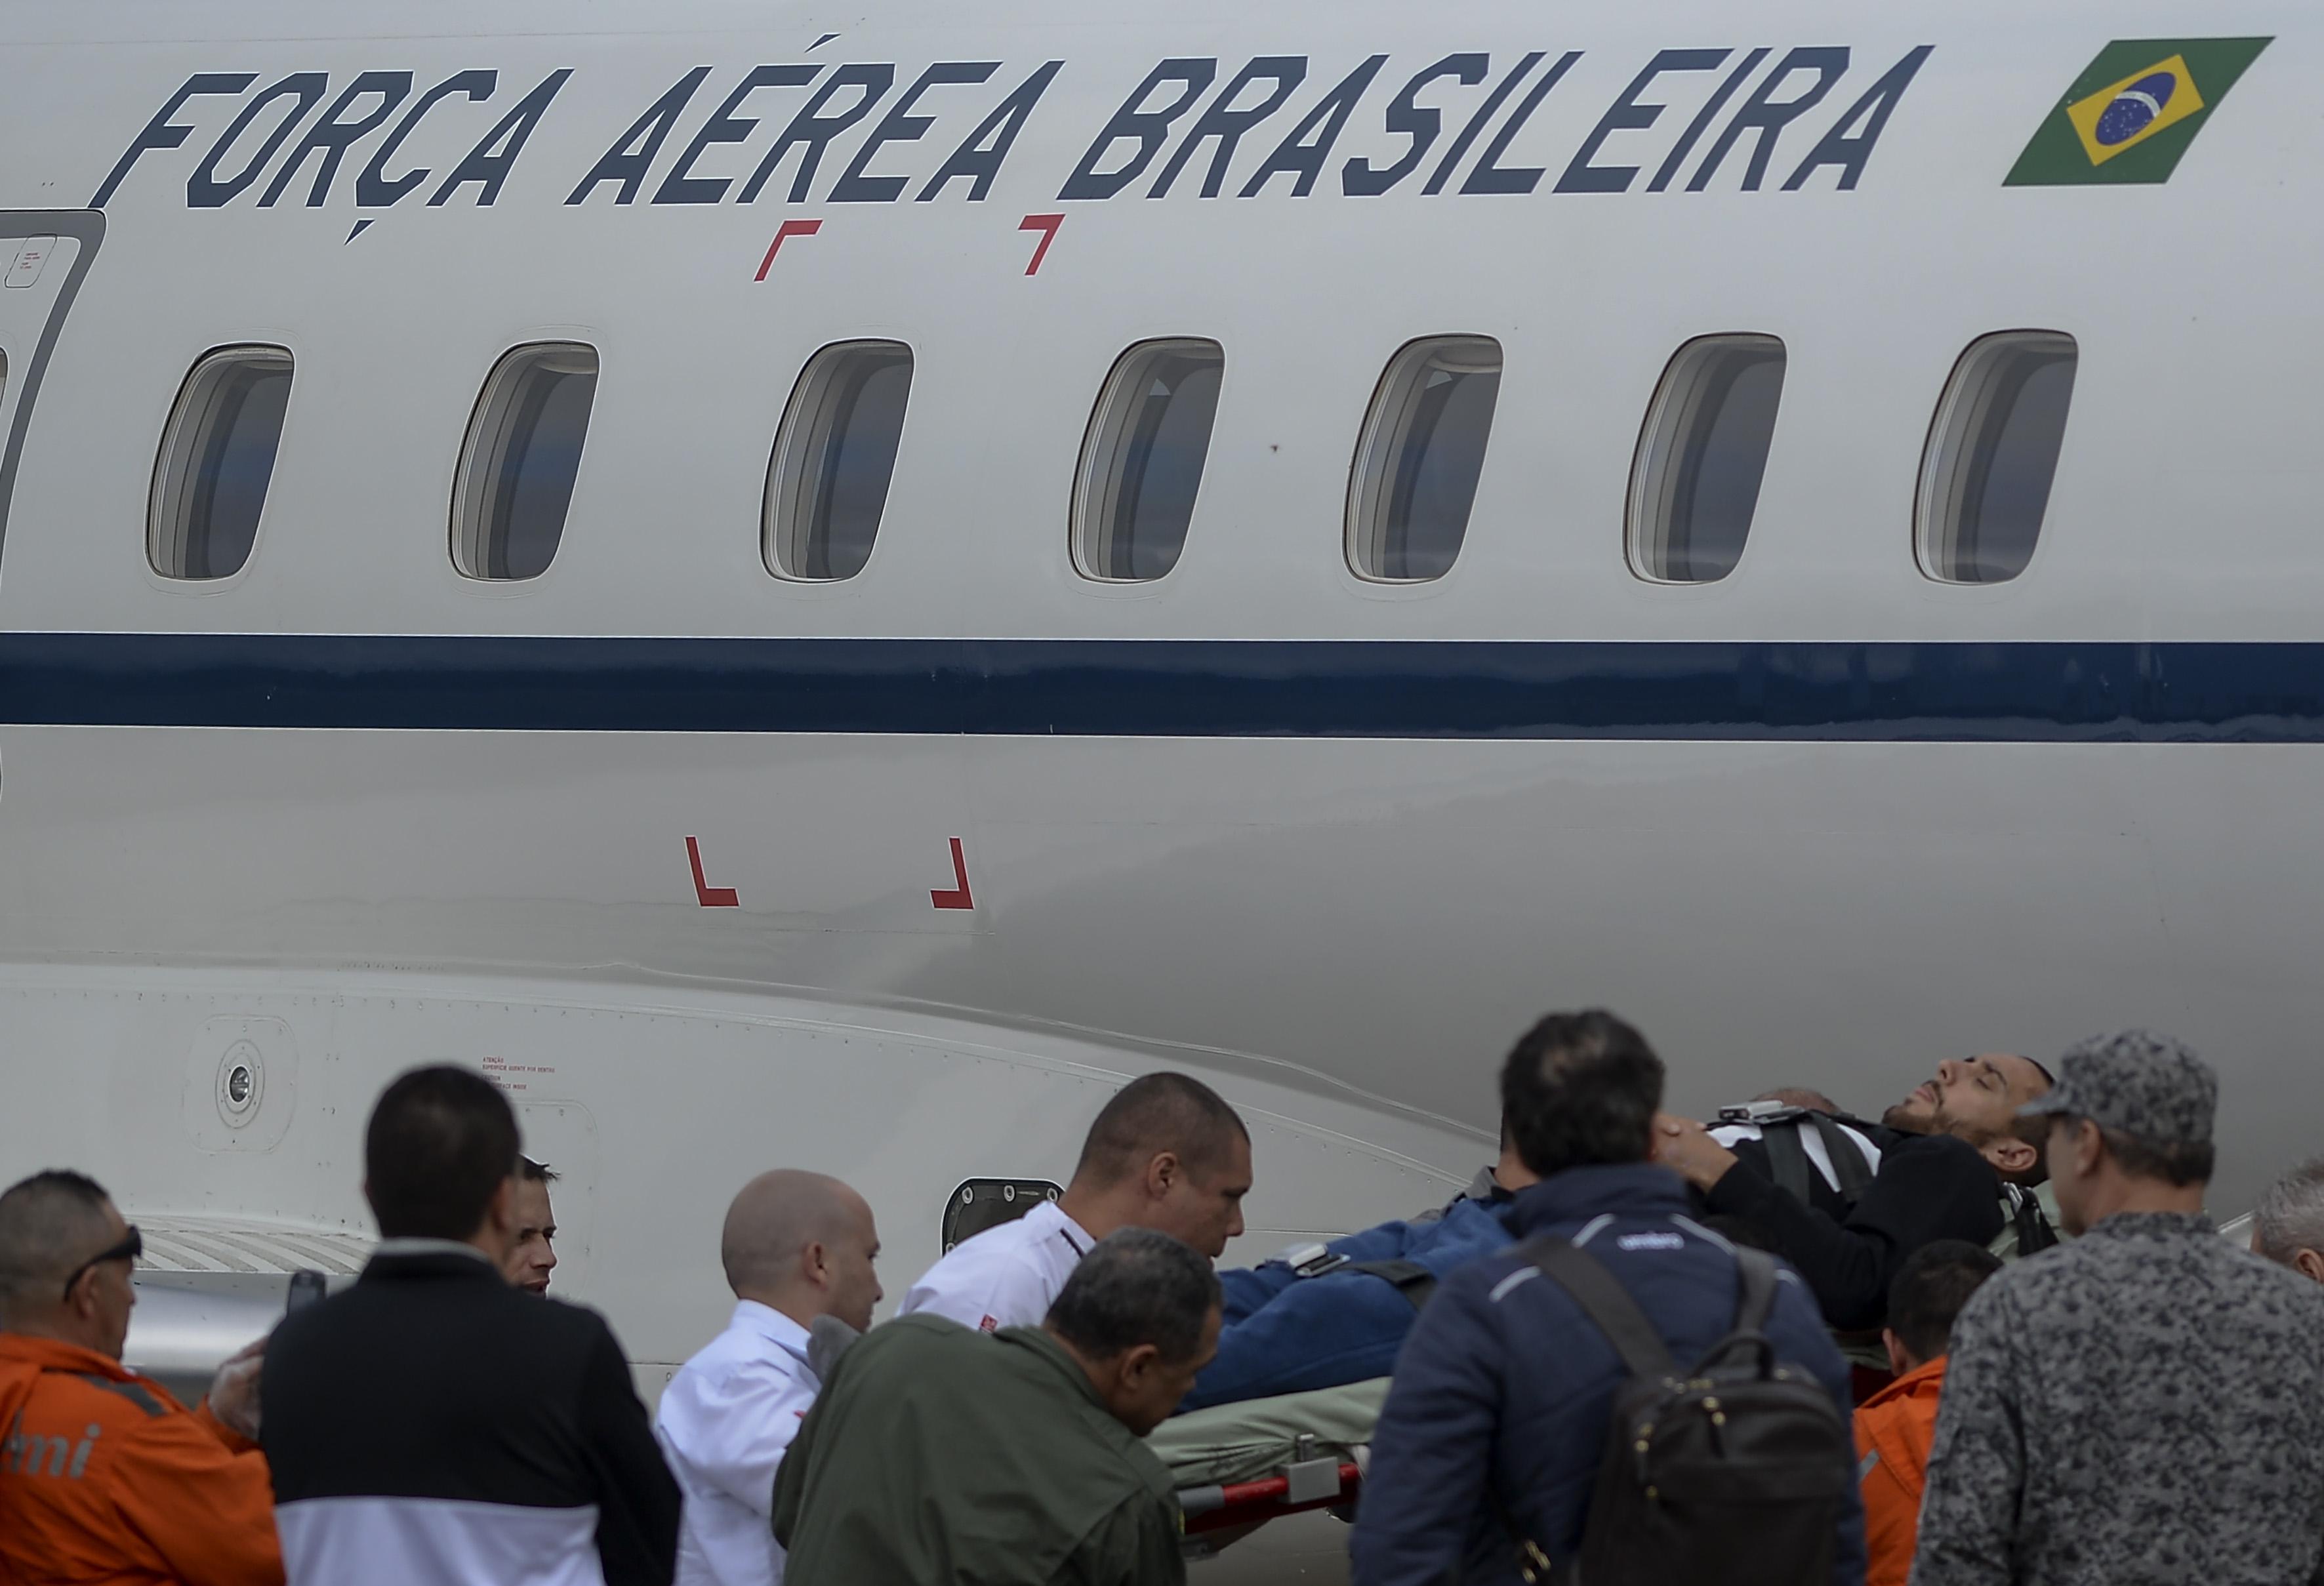 Alan Ruschel (right) being loaded on an plane headed toward Brazil.